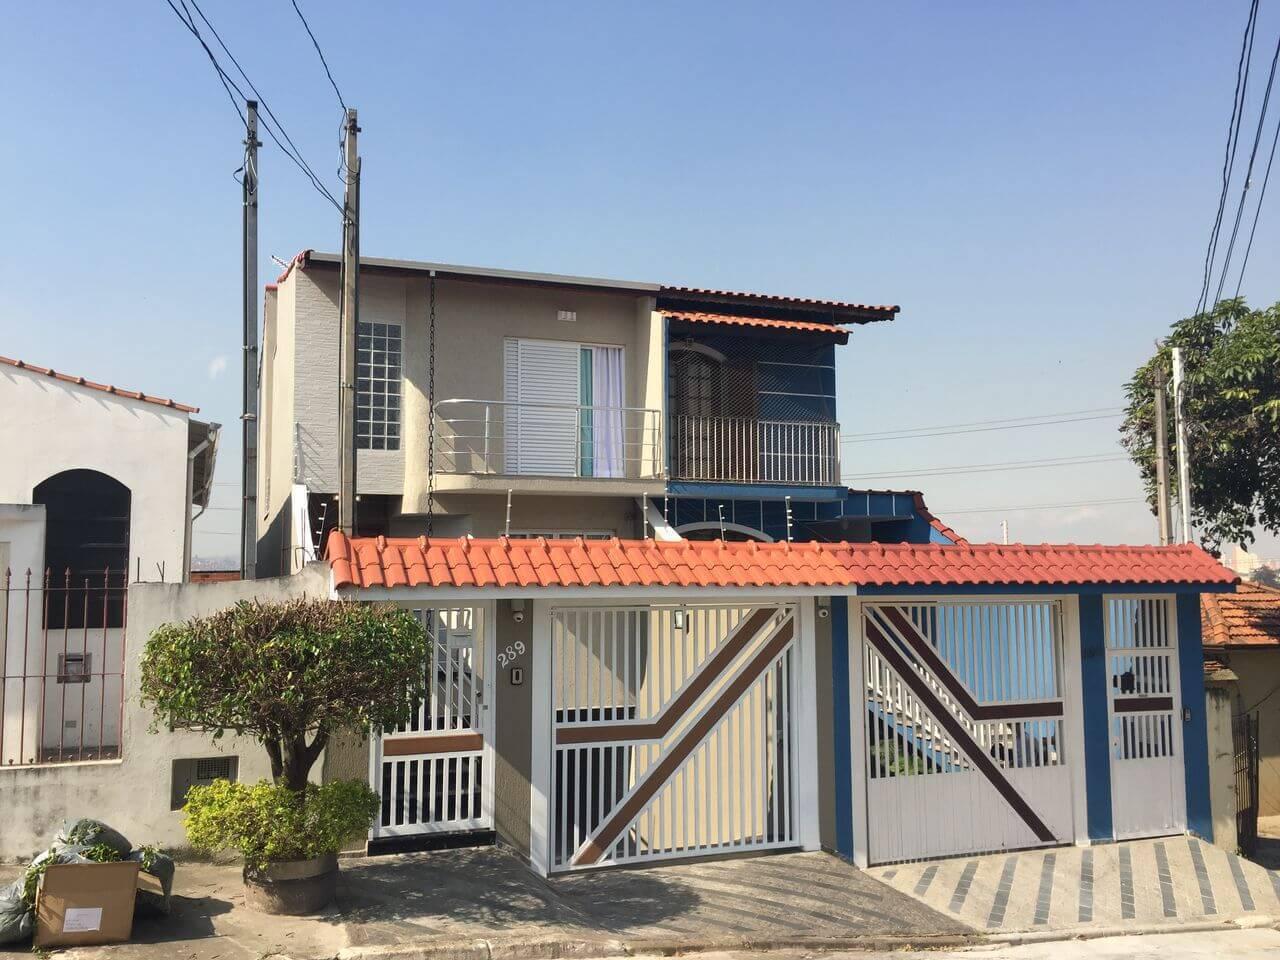 Fachada de casa após reforma com escolha de tipos de telhas de cerâmica. Projeto de Márcia Rubinatti